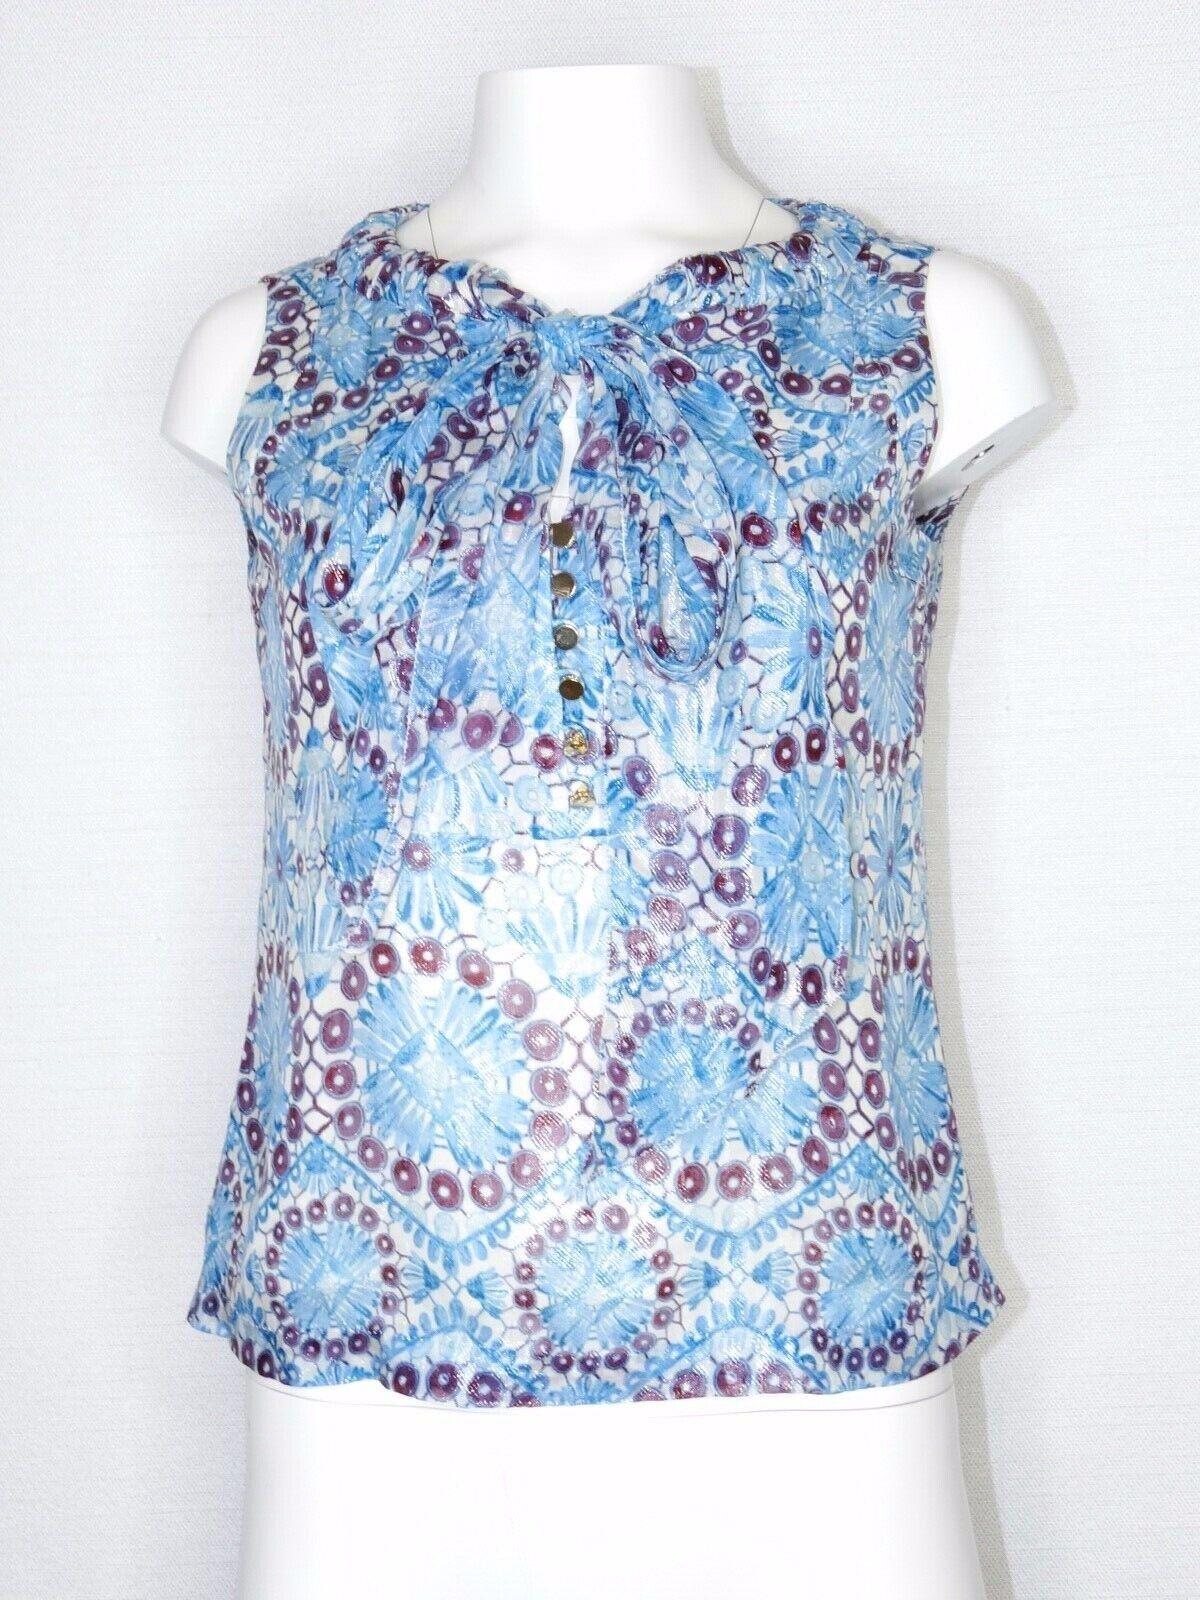 Tory Burch Größe 2 Small Blouse Bahama Castilo Sleeveless Top Weiß Blau Daisy